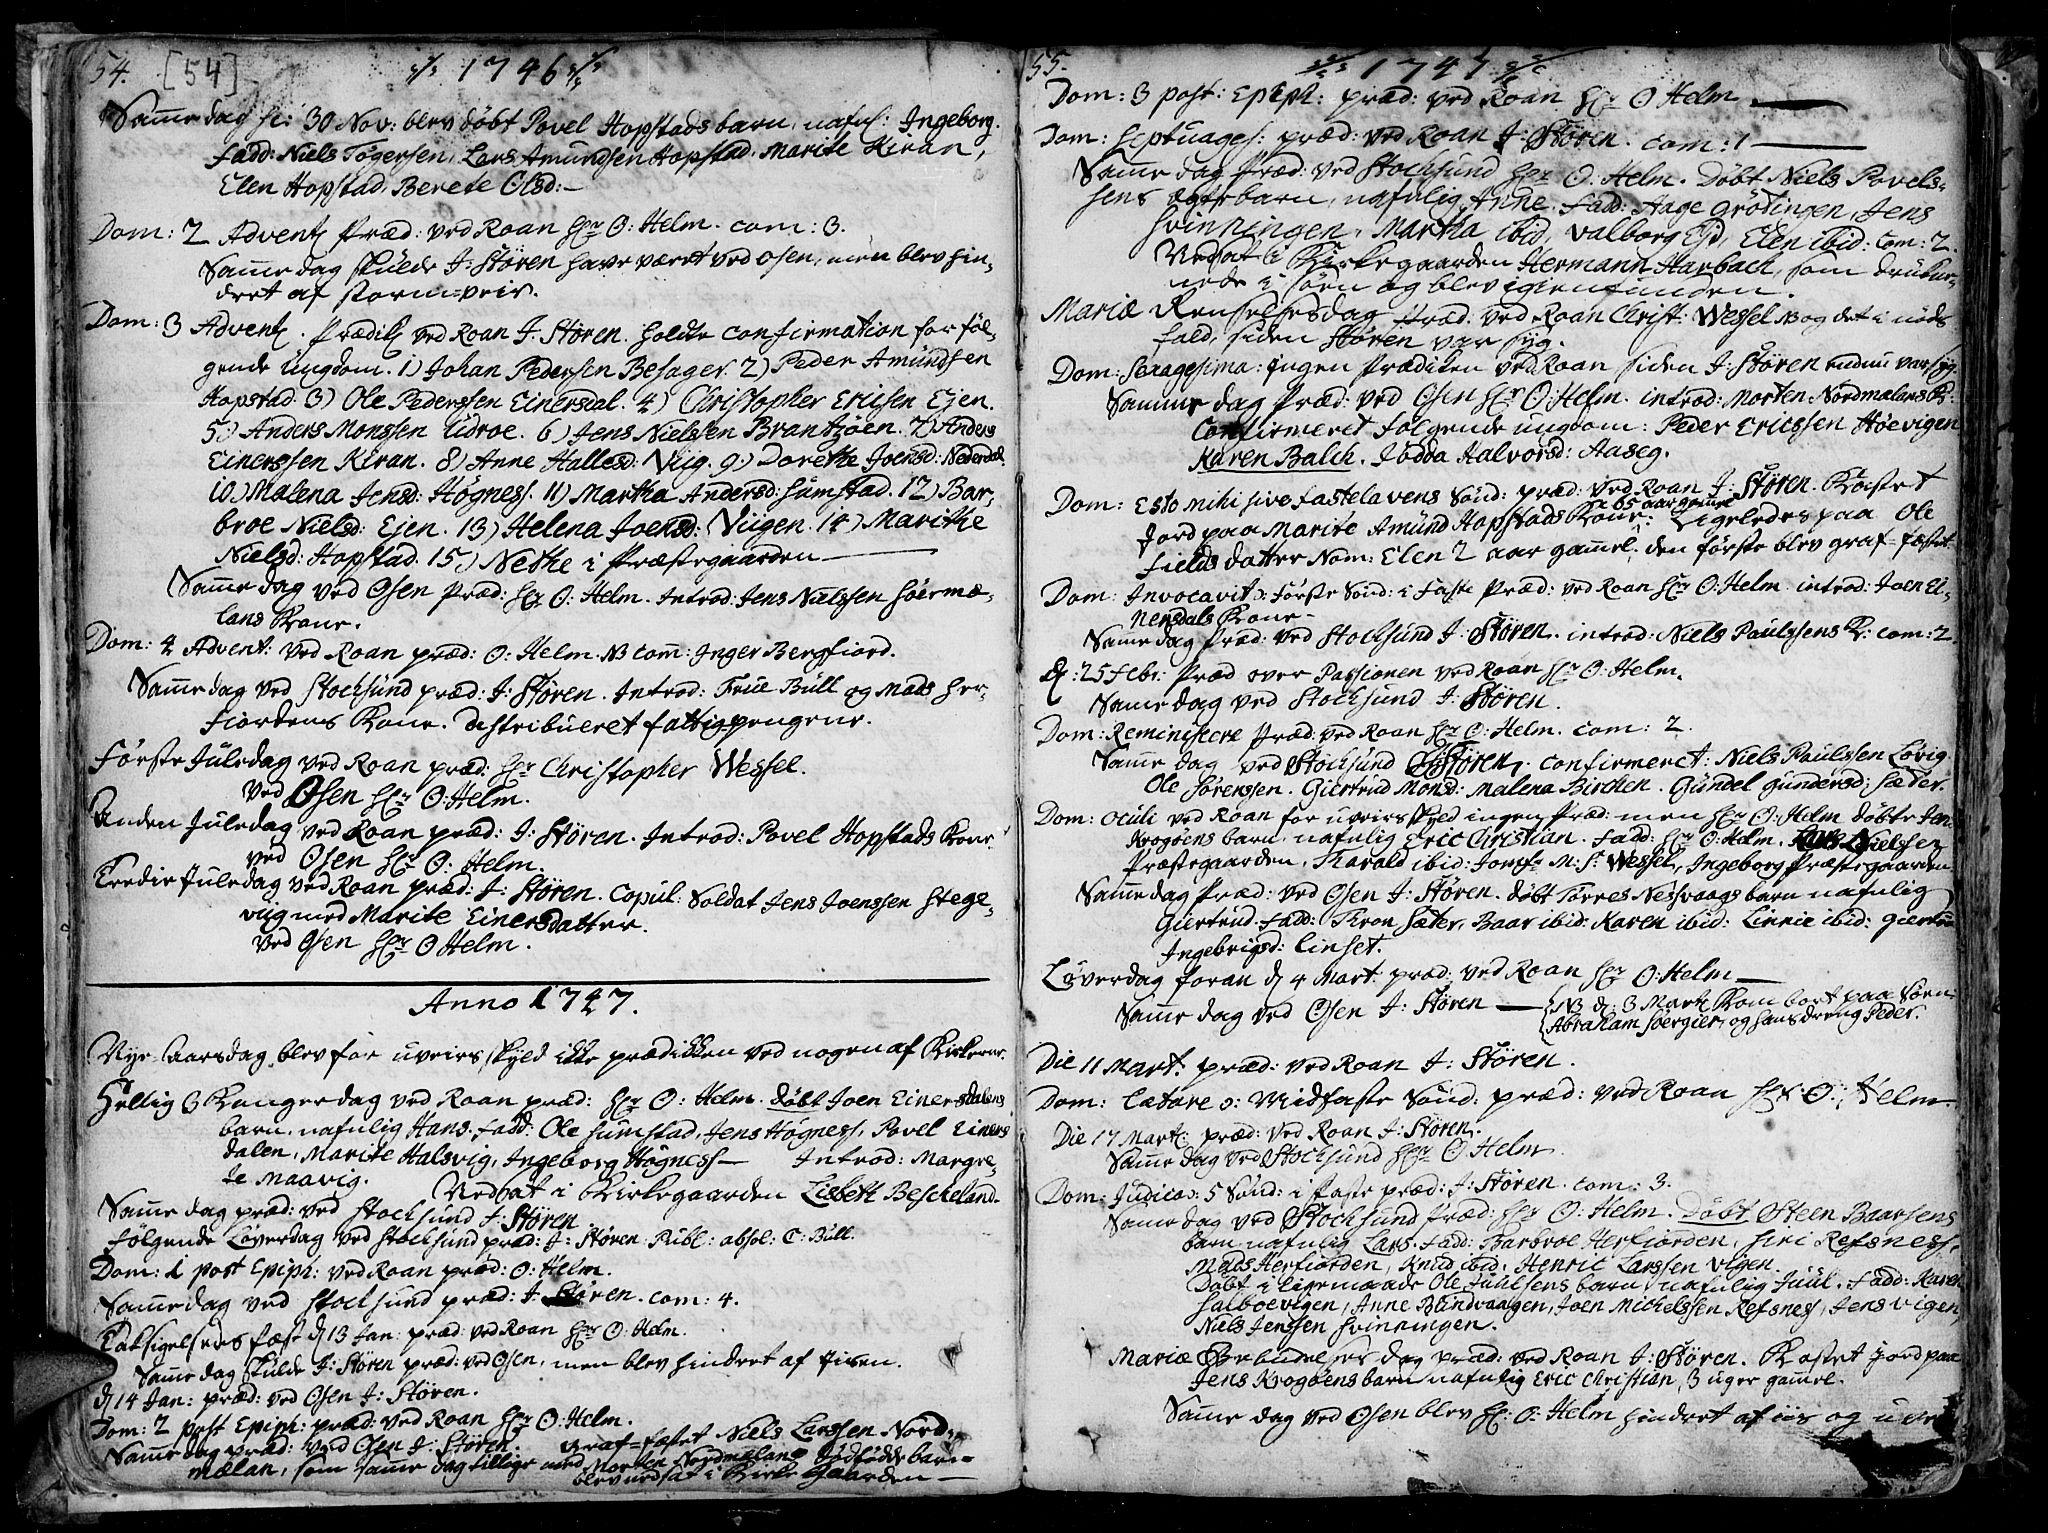 SAT, Ministerialprotokoller, klokkerbøker og fødselsregistre - Sør-Trøndelag, 657/L0700: Ministerialbok nr. 657A01, 1732-1801, s. 54-55